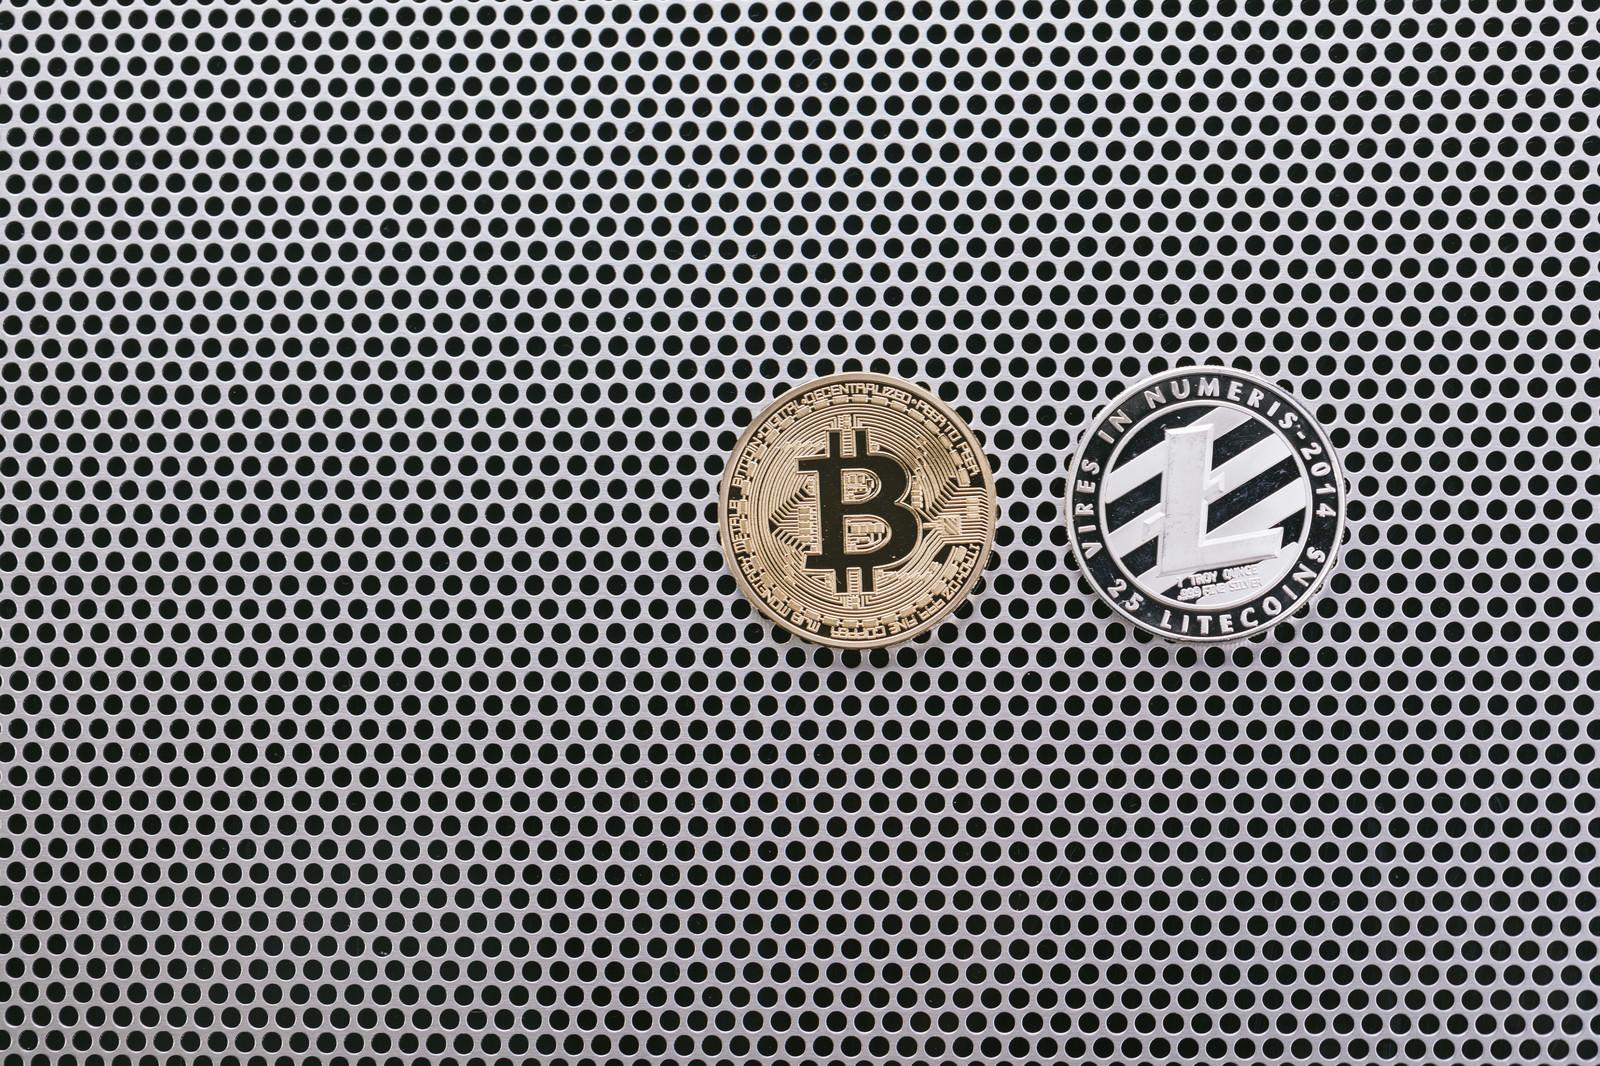 「ビットコインとライトコインビットコインとライトコイン」のフリー写真素材を拡大